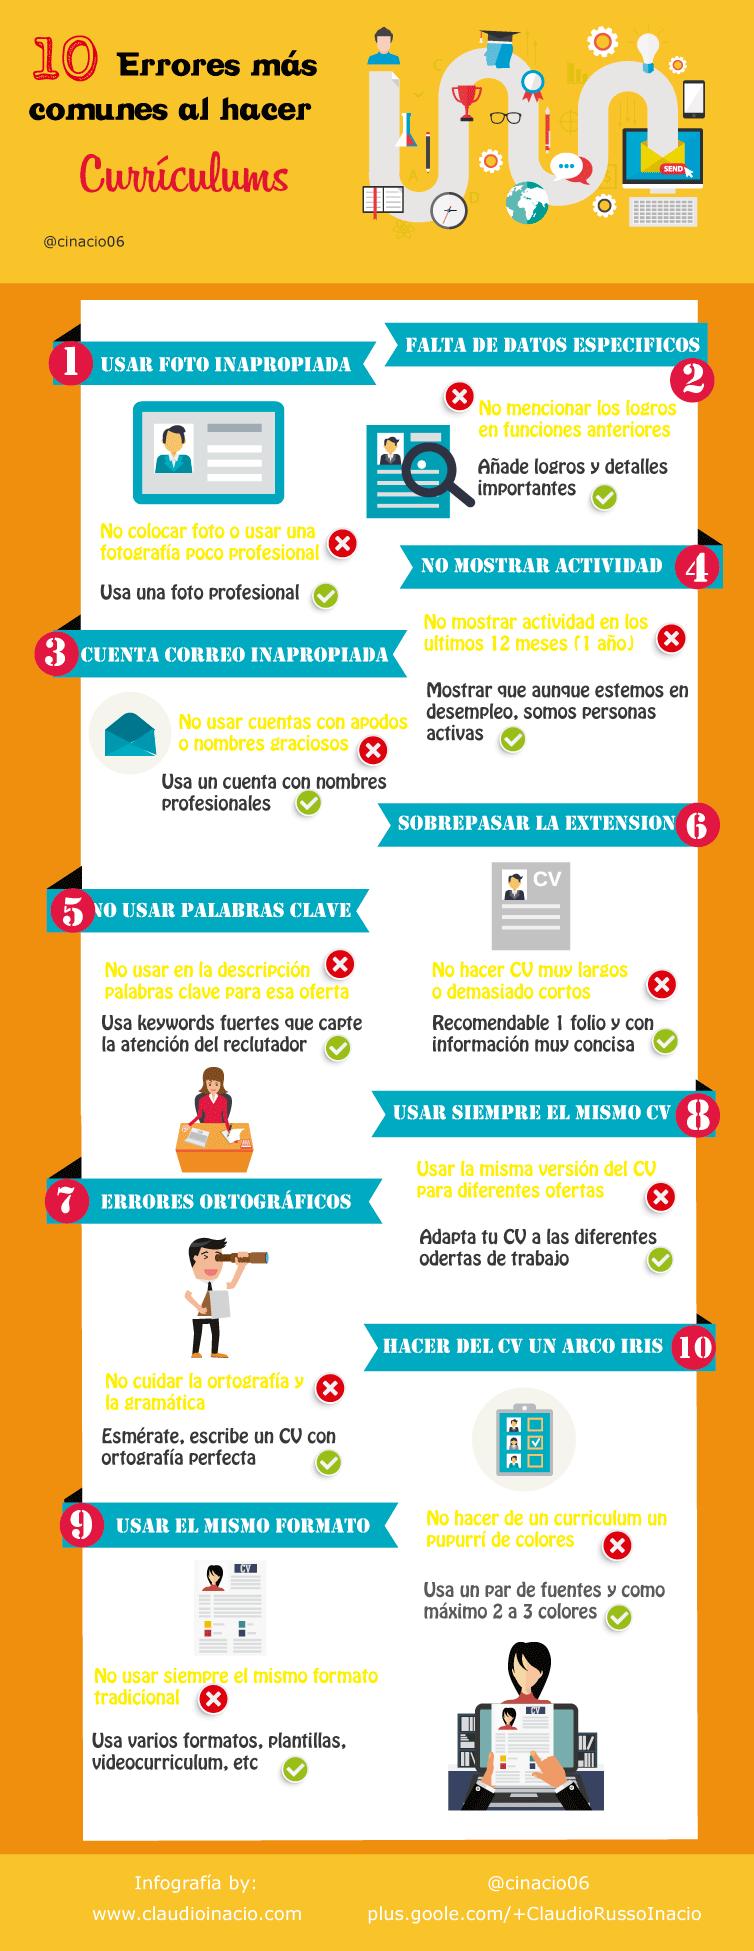 Los 10 Errores más comunes al hacer Curriculums